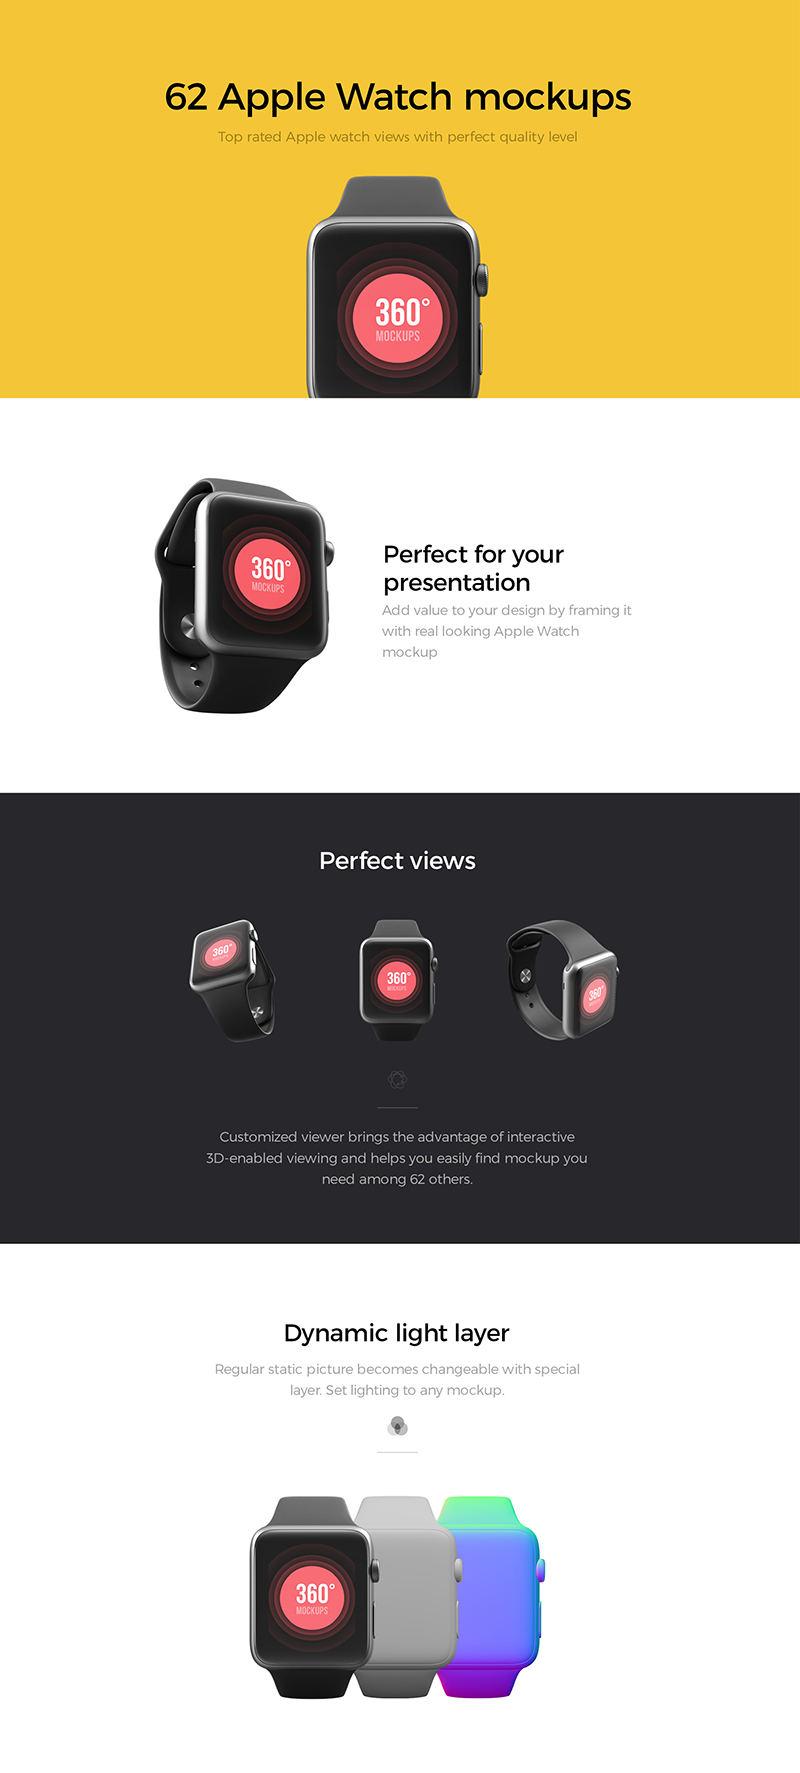 62款高质量苹果手表样机-62 Apple Watch Mockups